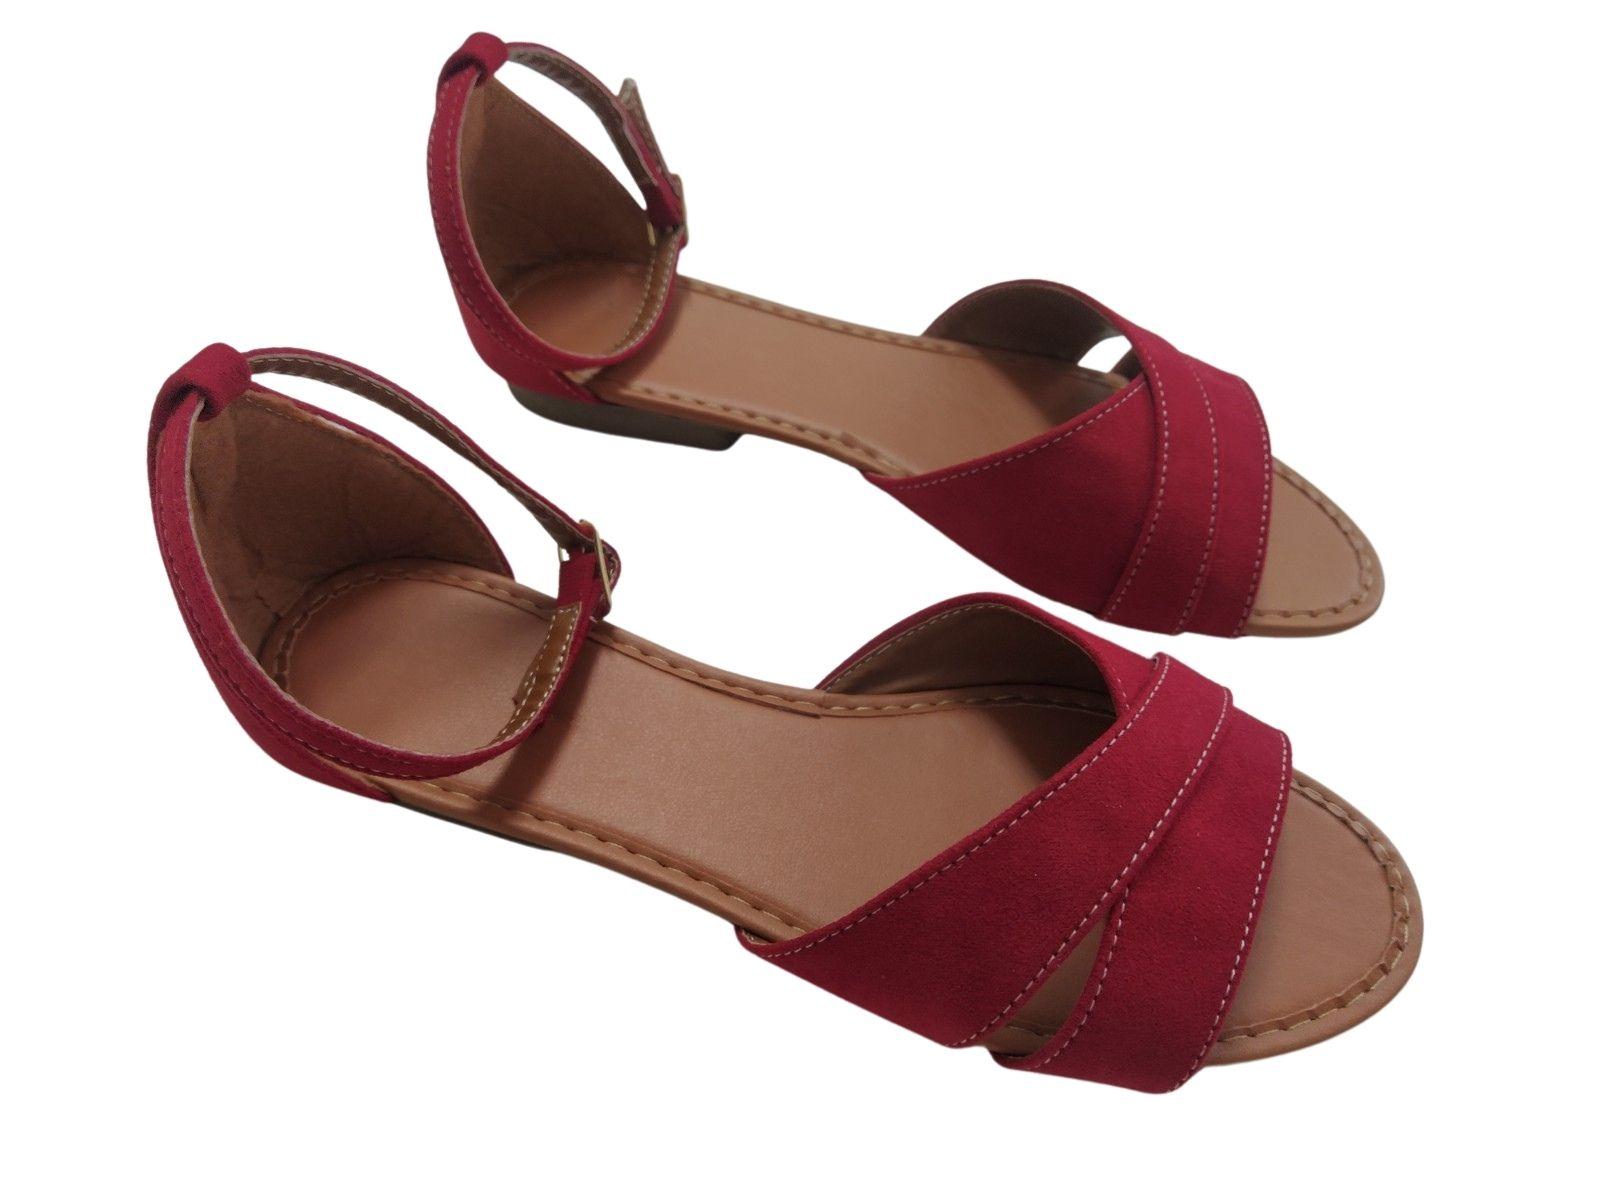 Sandália vermelho nobuk com tiras entrelaçadas